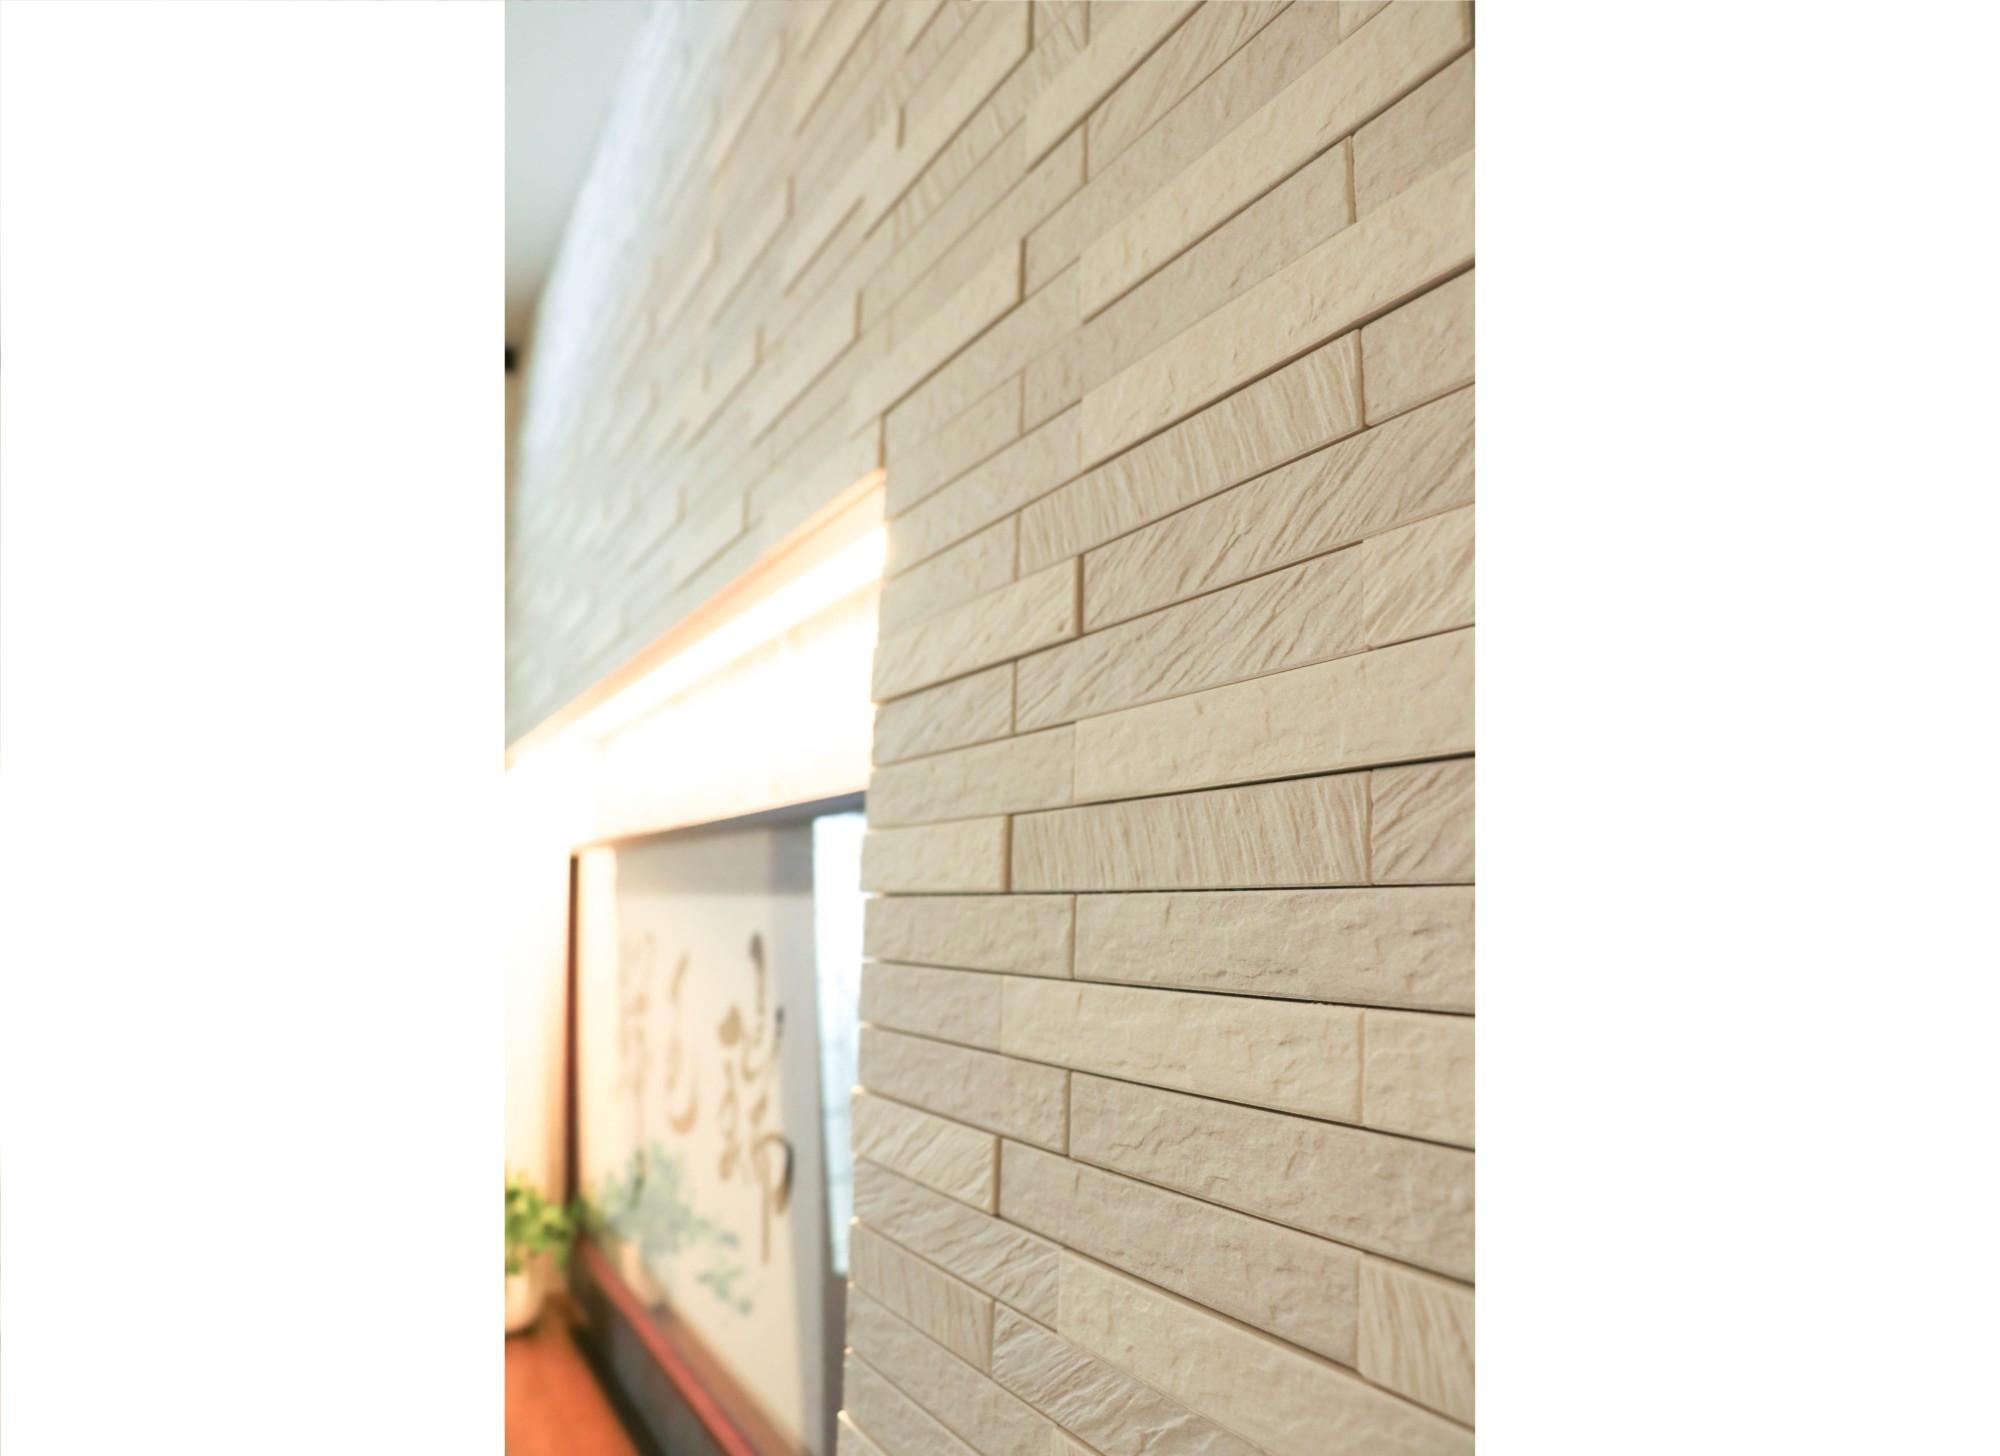 佐賀市高木瀬東 M様 内装改修工事『お気に入りに囲まれたシンプル和モダン空間』